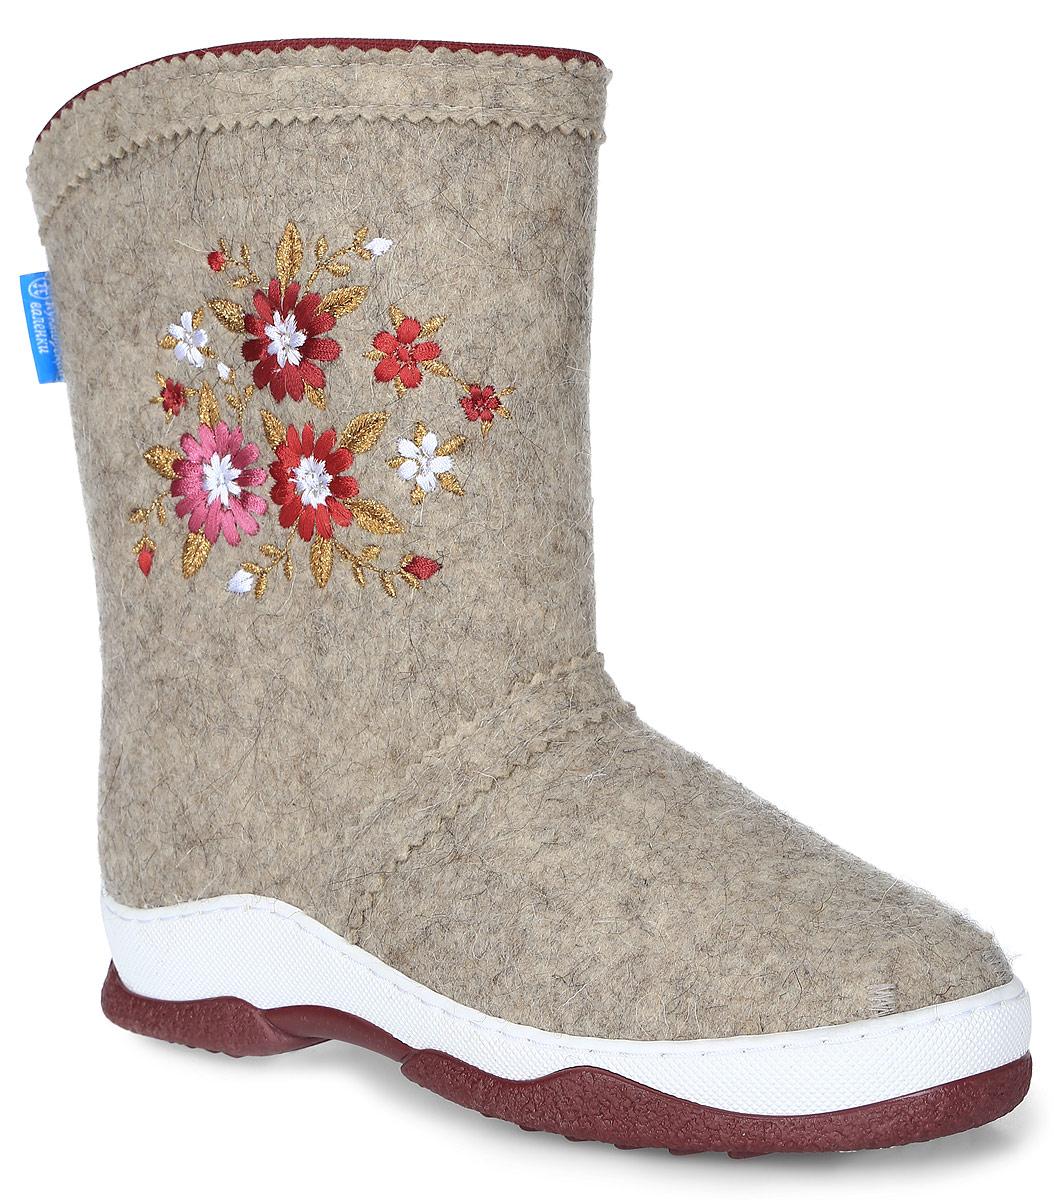 У-12Модные женские Кукморские валенки выполнены из войлока - 100% овечьей шерсти и оформлены текстильным кантом, сбоку - цветочной вышивкой. Стелька из войлока не даст вашим ногам замерзнуть. Рифление на подошве обеспечивает отличное сцепление с любой поверхностью.